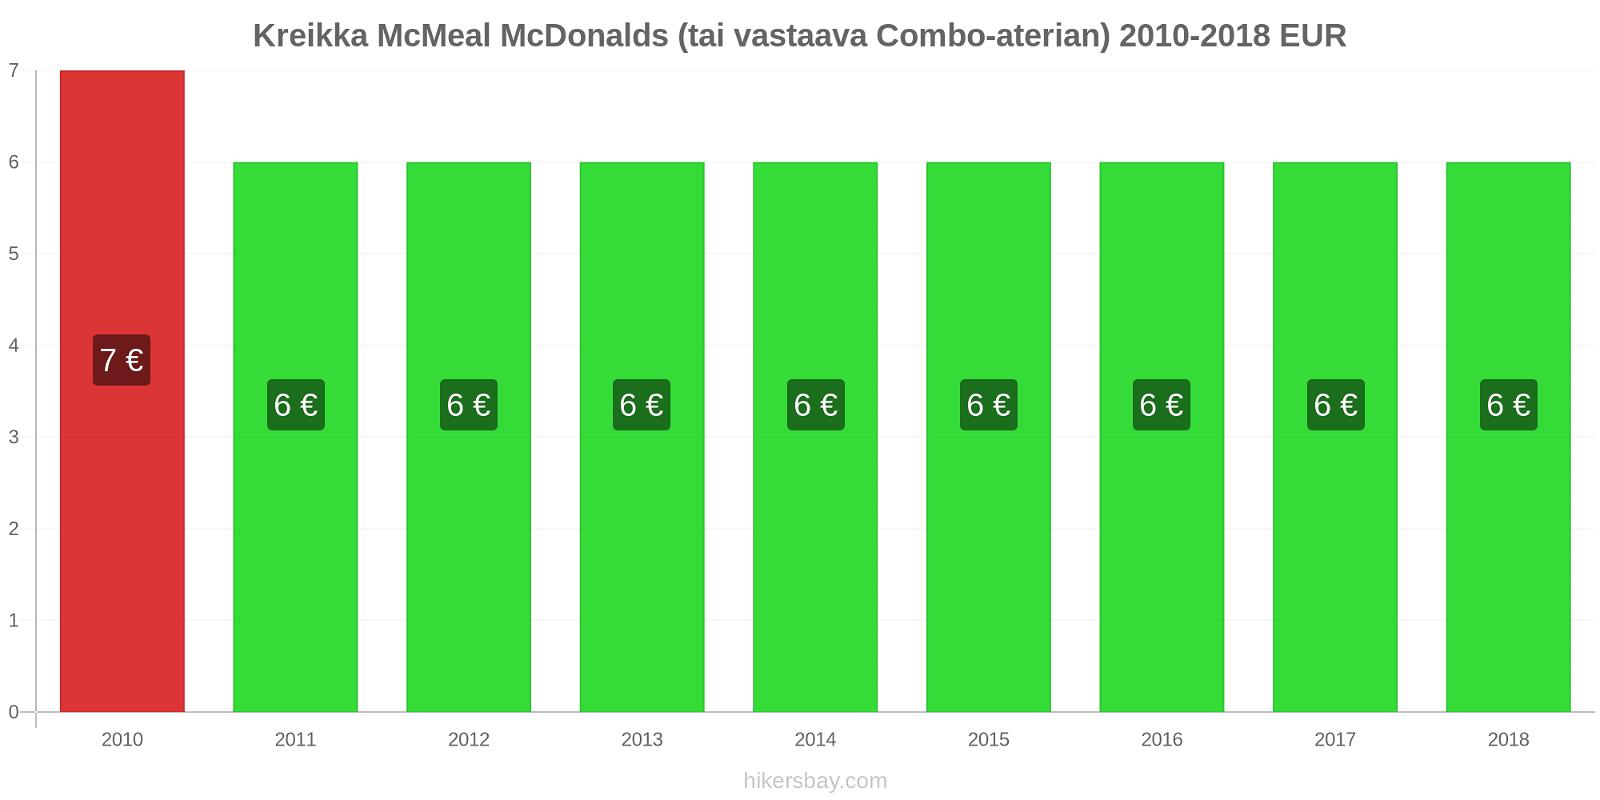 Kreikka hintojen muutokset McMeal McDonalds (tai vastaava Combo-aterian) hikersbay.com